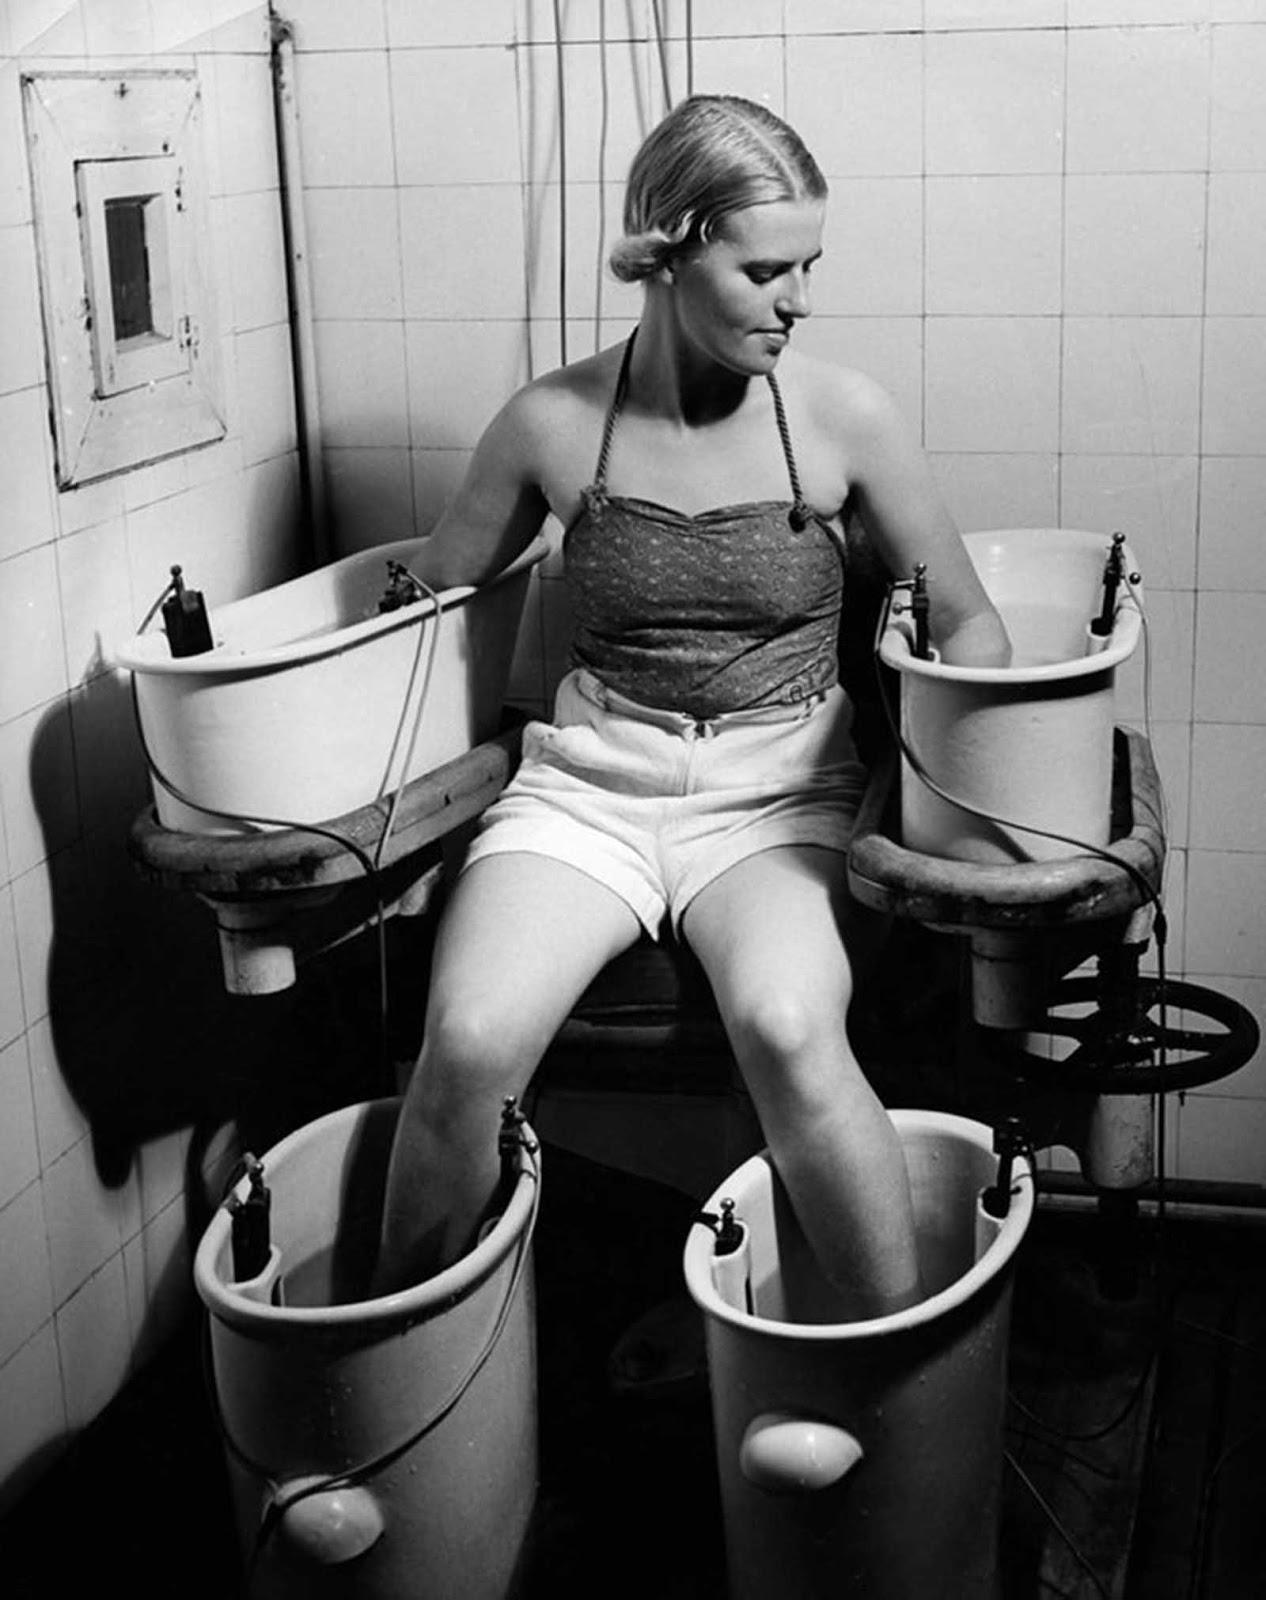 Una joven sostiene sus brazos y piernas en cuatro baños de agua con corriente eléctrica, para mejorar la circulación sanguínea, alrededor de 1938.